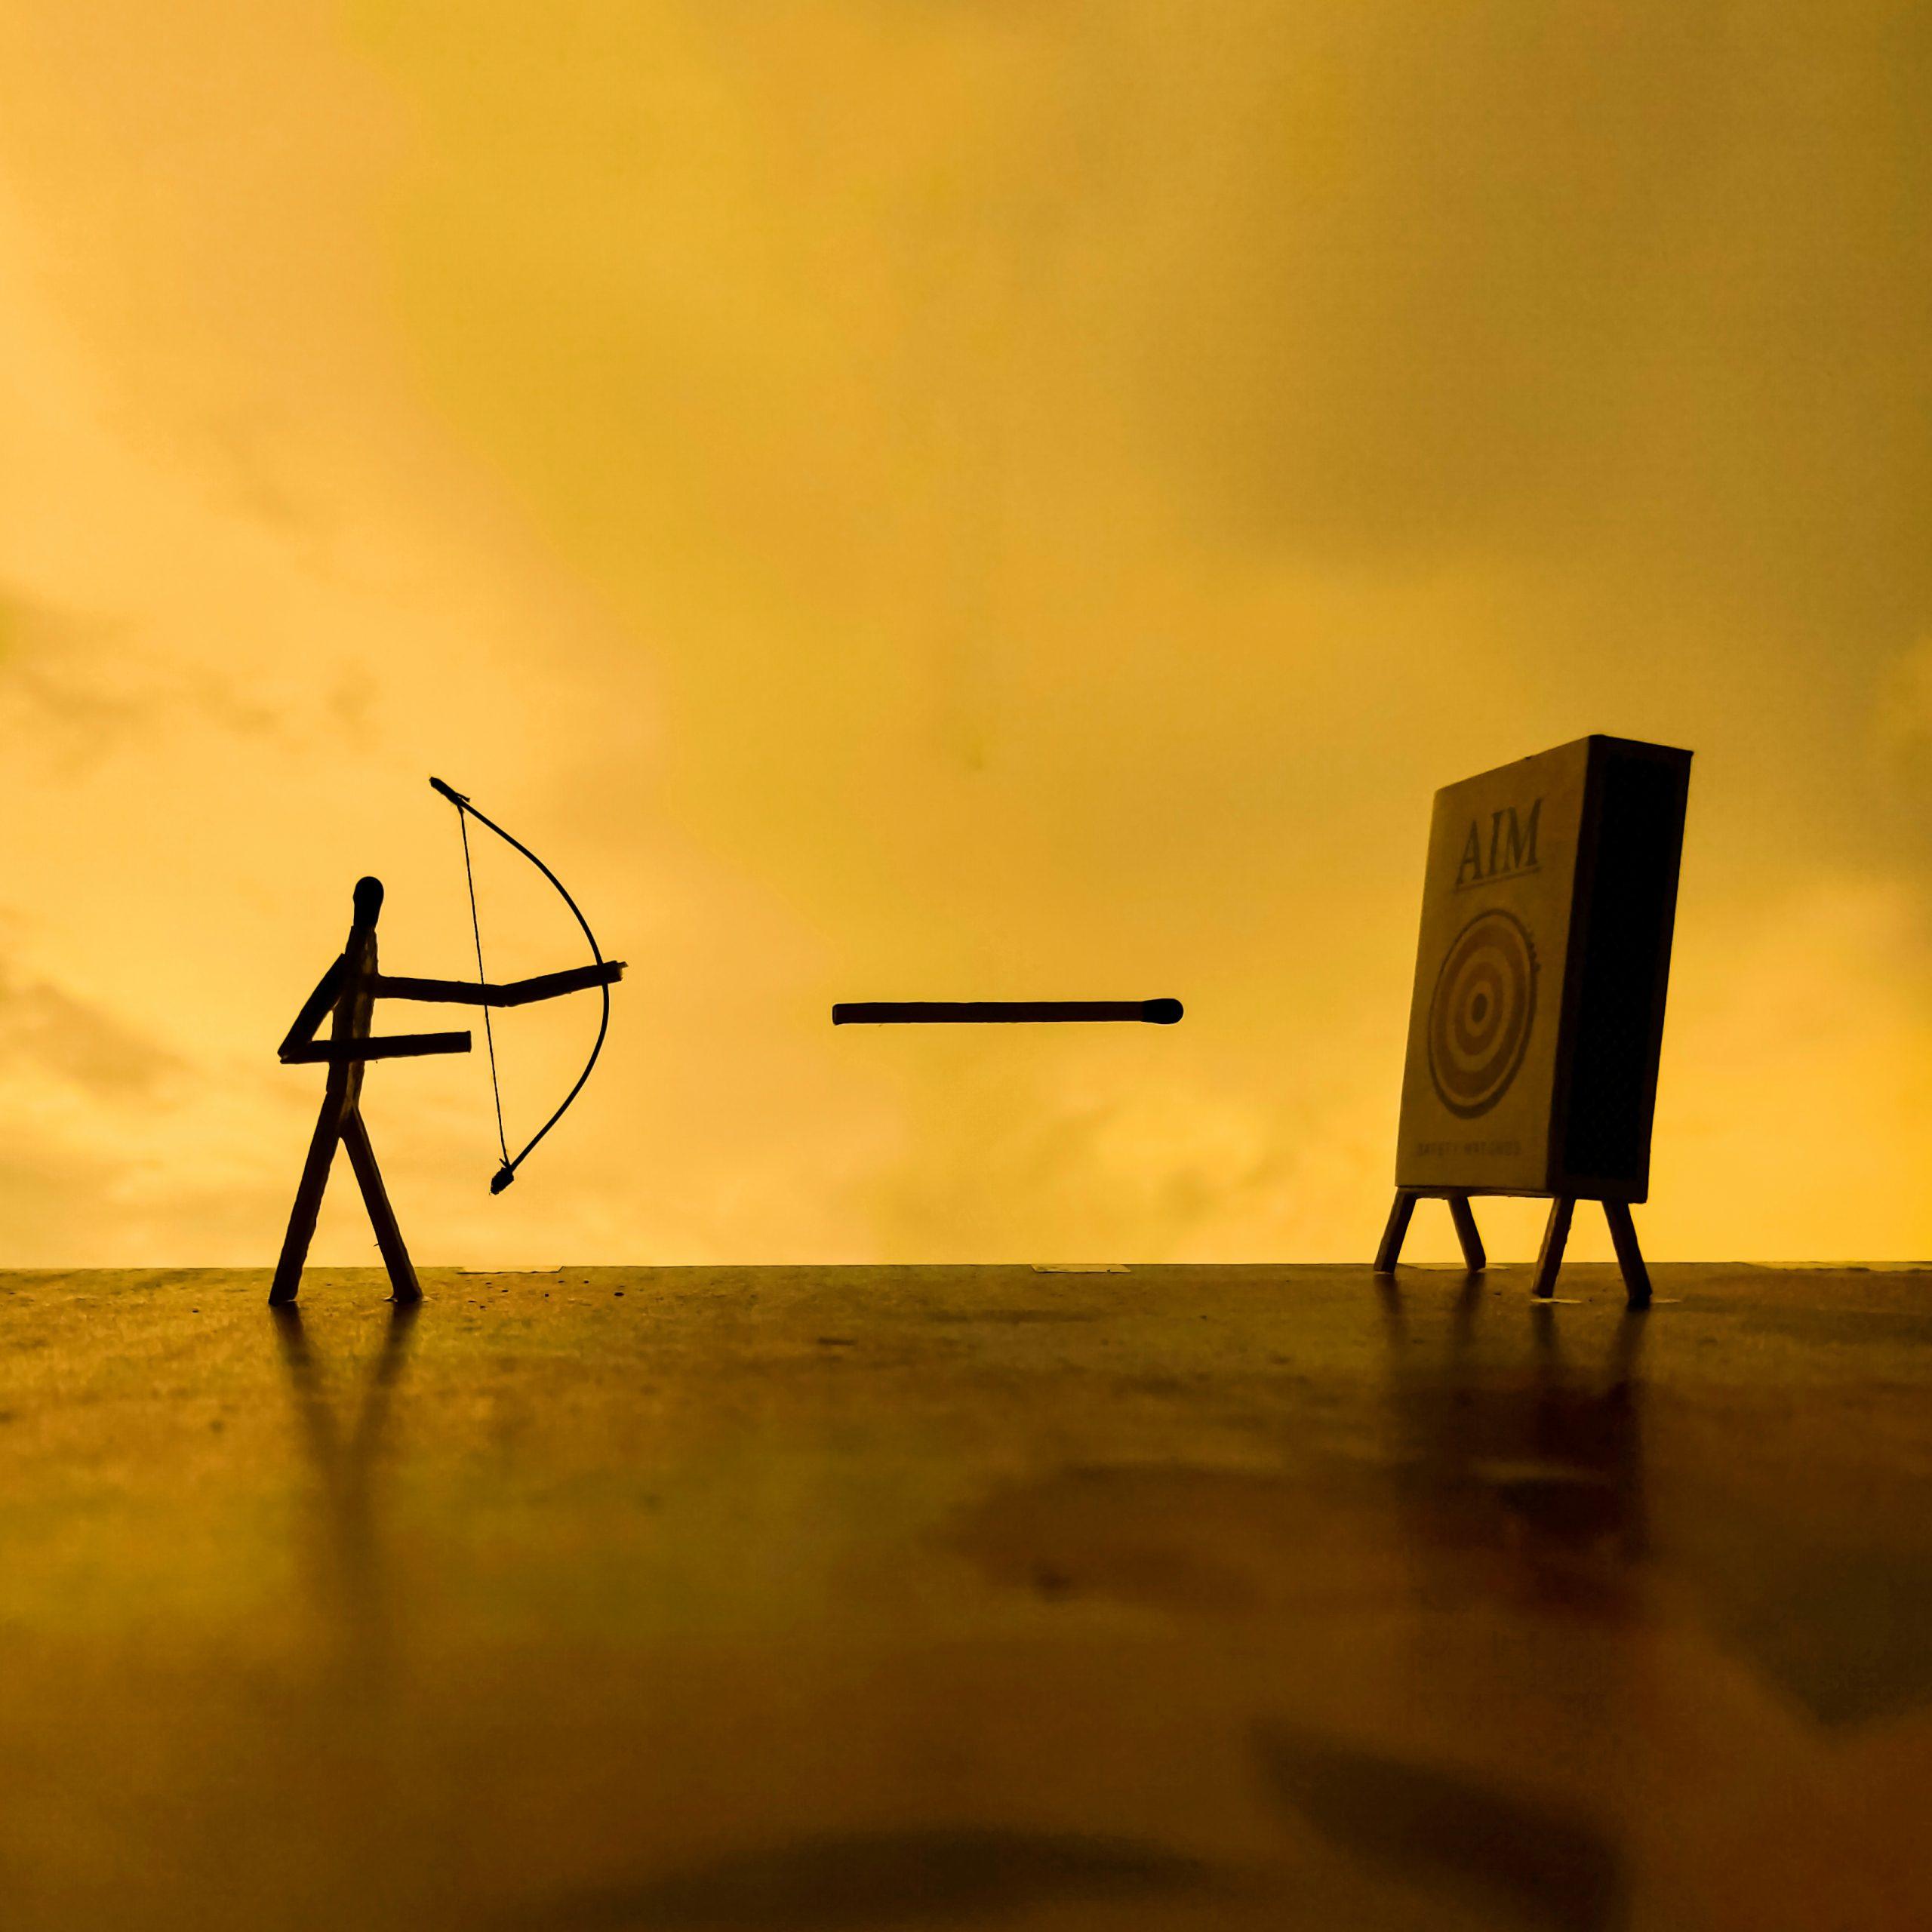 archer with matchsticks